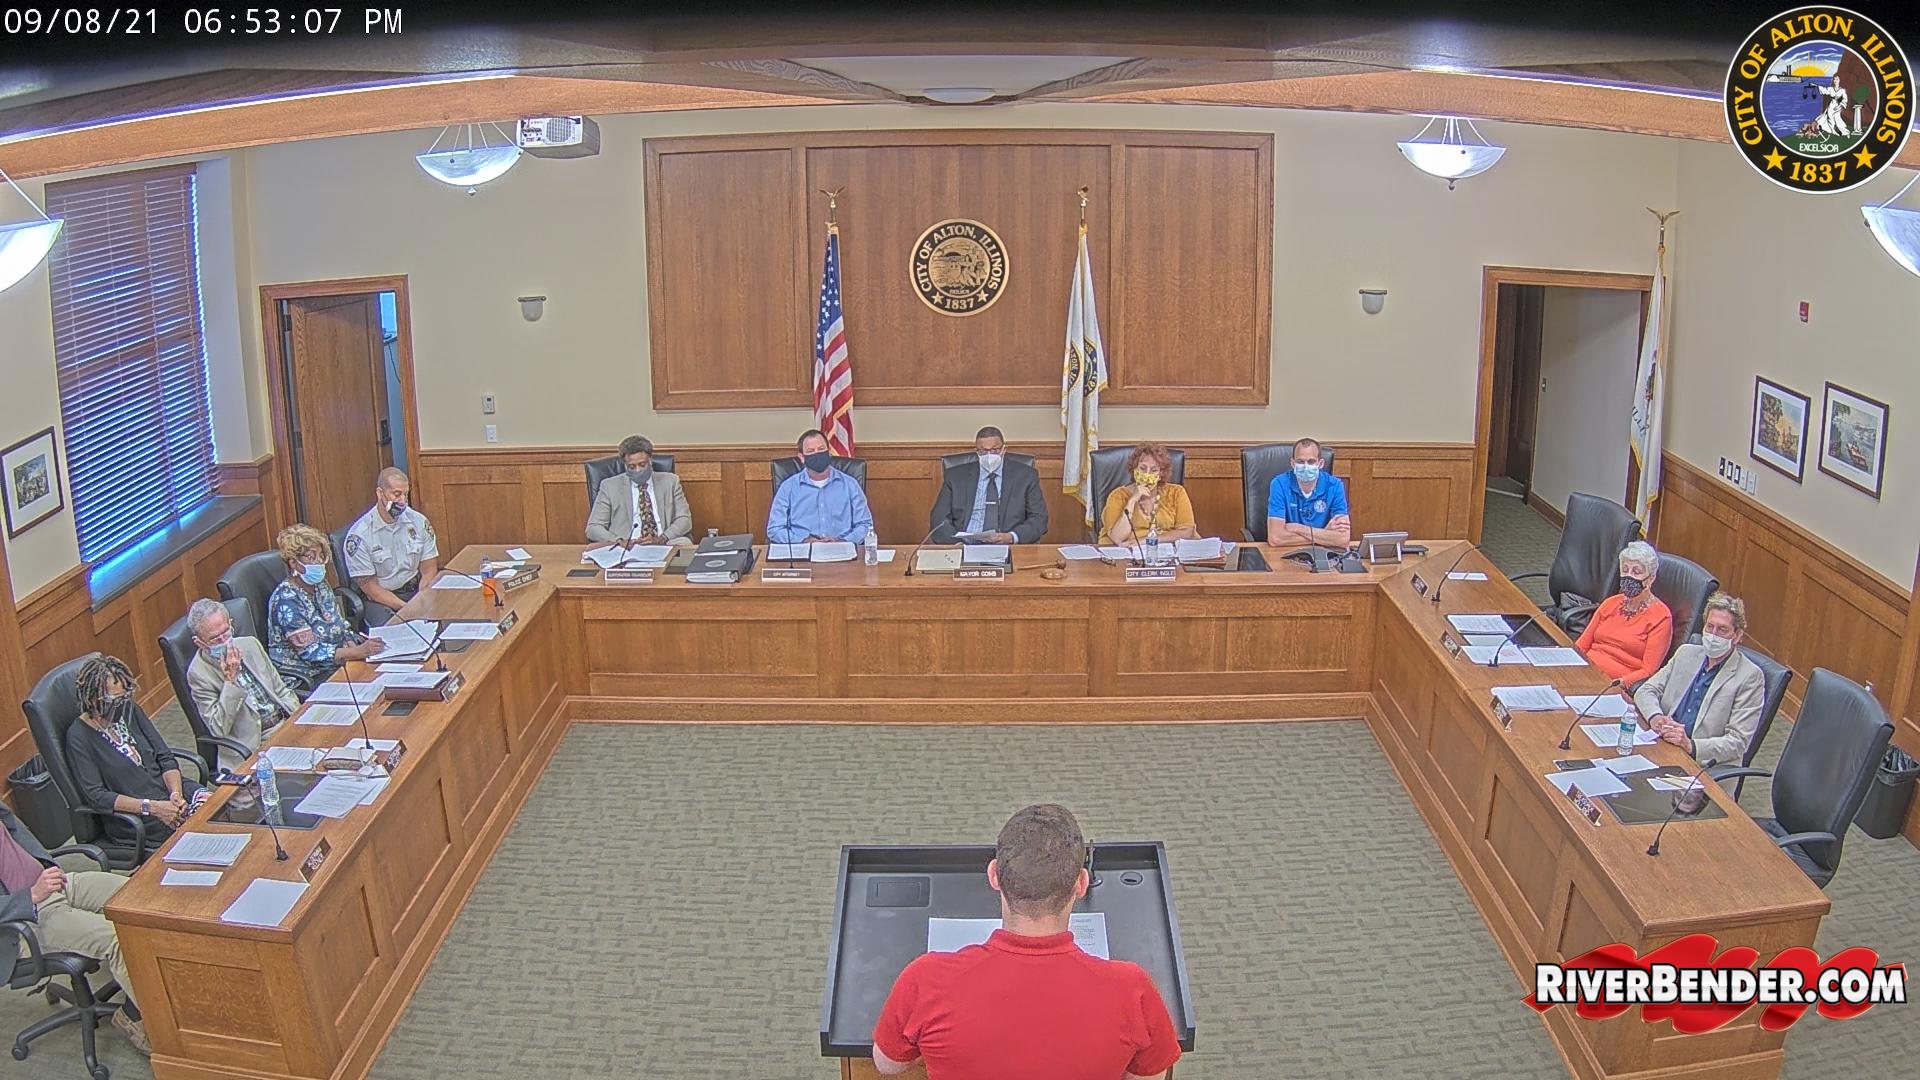 Alton City Council Meeting 9-8-2021